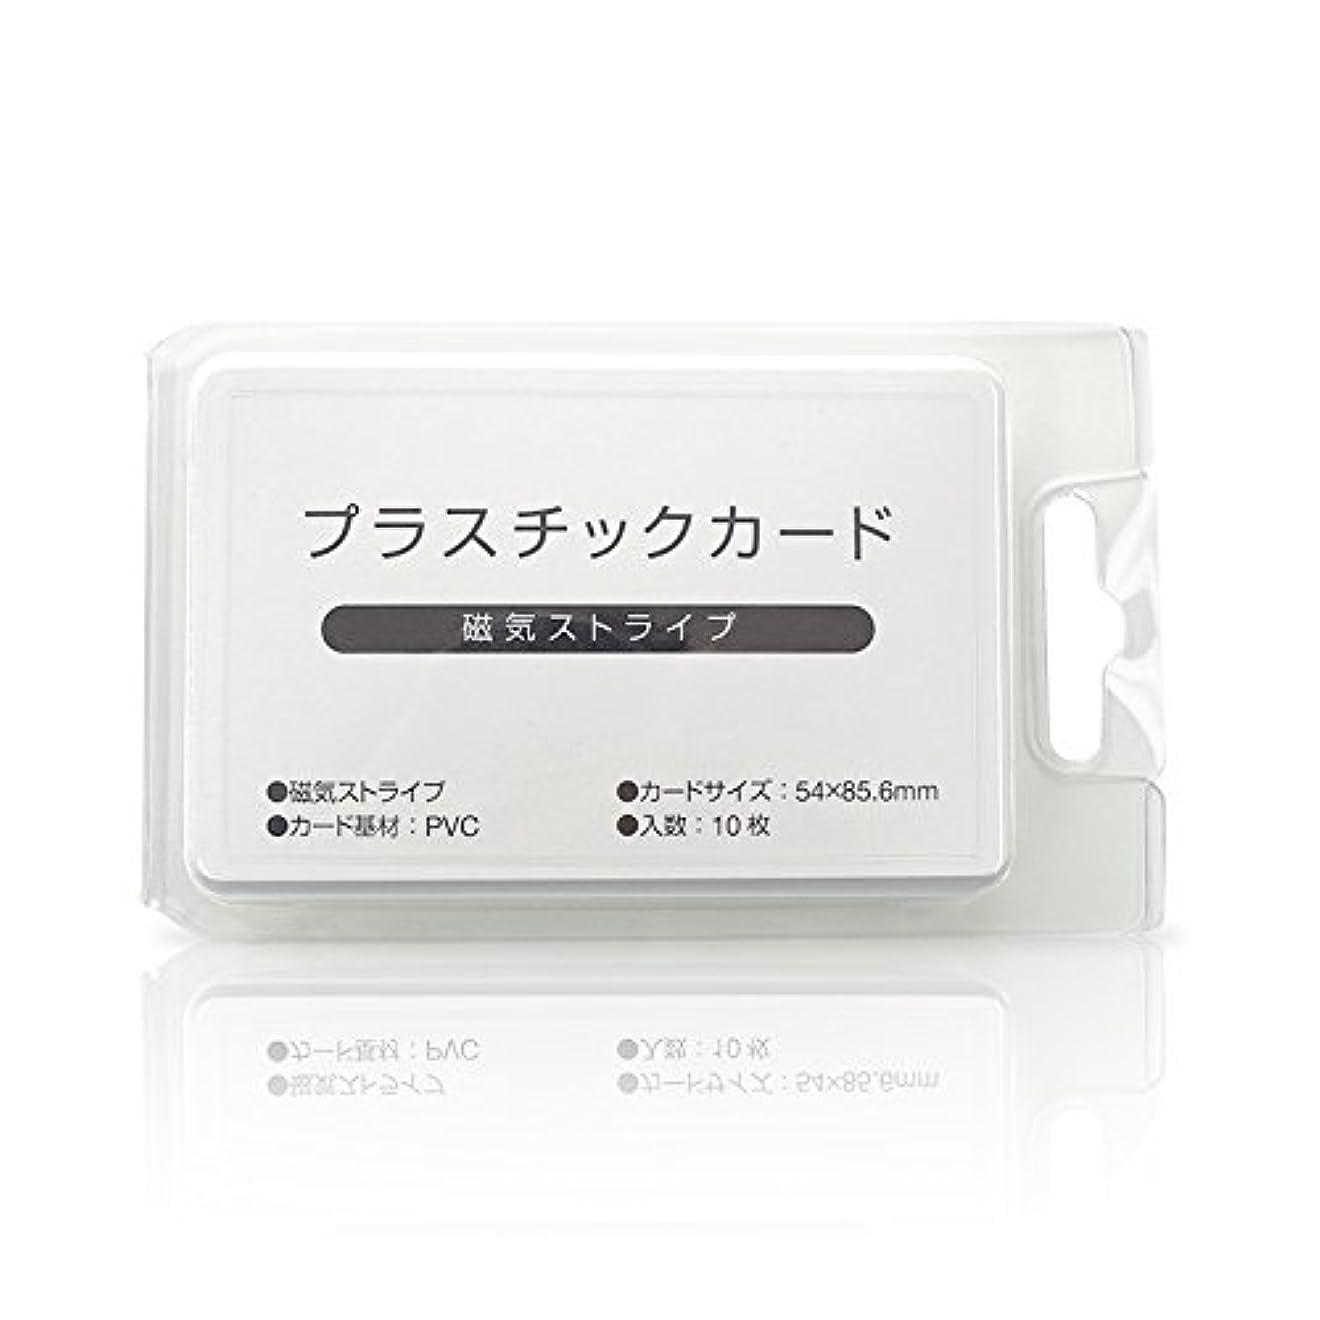 バリー誤解させるベールプラスチックカード(磁気ストライプ)磁気カード10枚セット